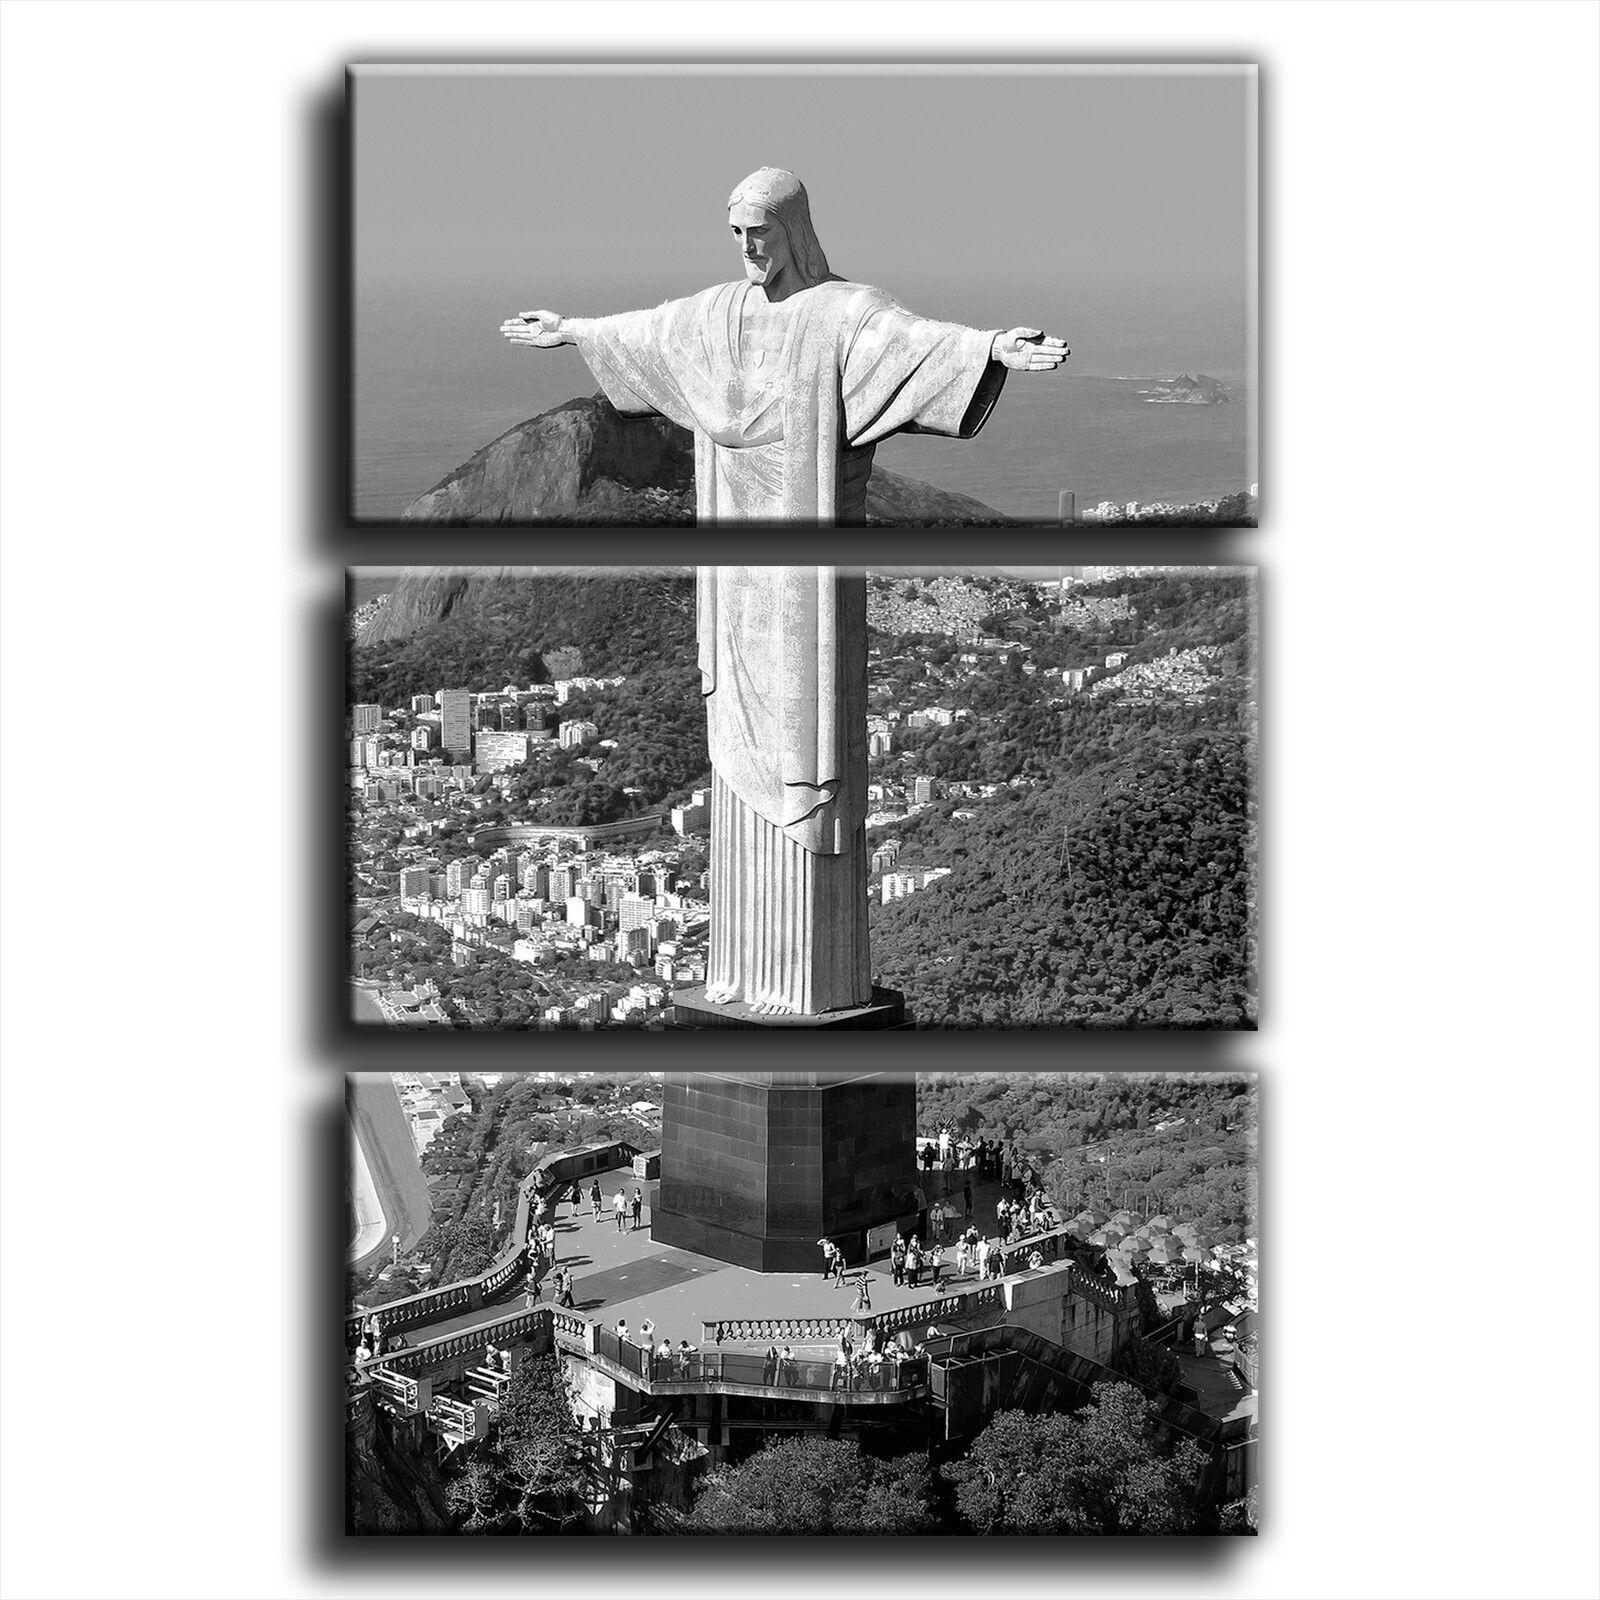 Le brésil rio christ the Rouge eemer paysage paysage paysage treble toile murale art photo print 1 | Emballage élégant Et Robuste  8d2a7d